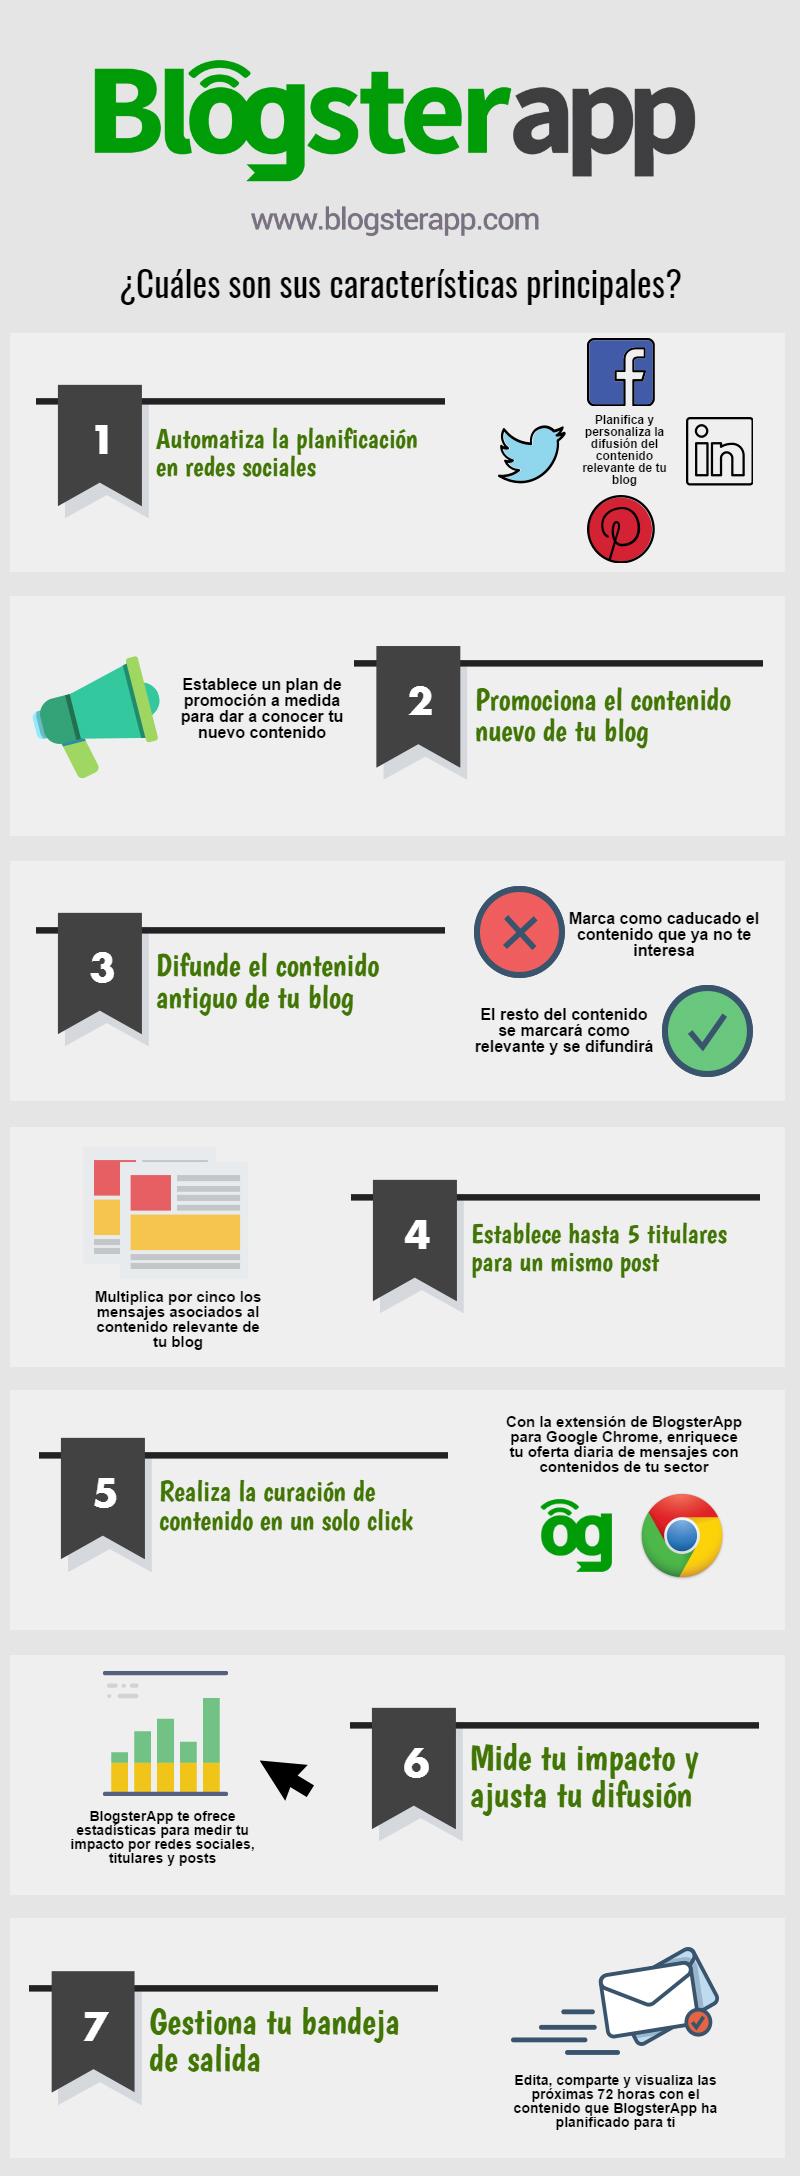 Infografía sobre las características de blogsterapp